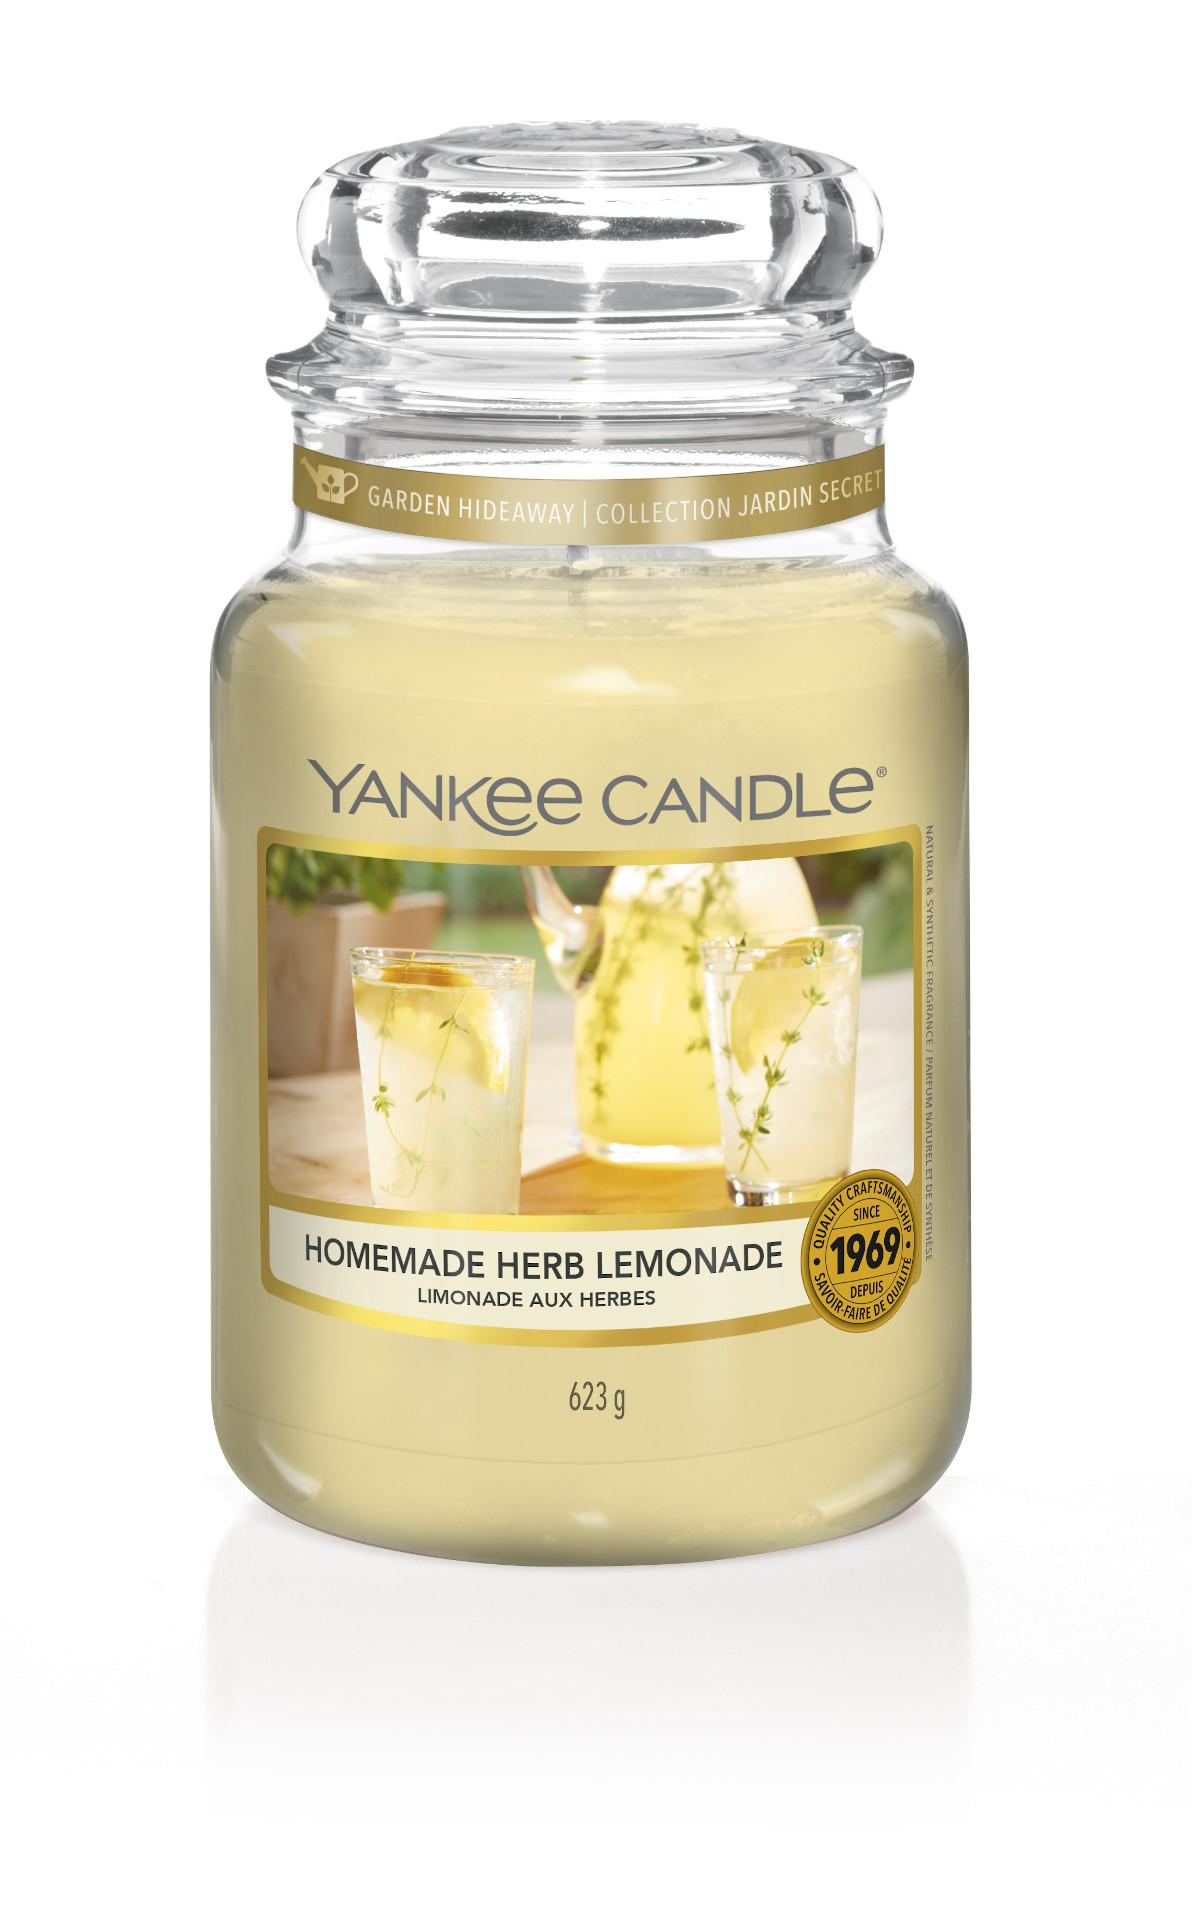 Homemade Herbs Lemonade